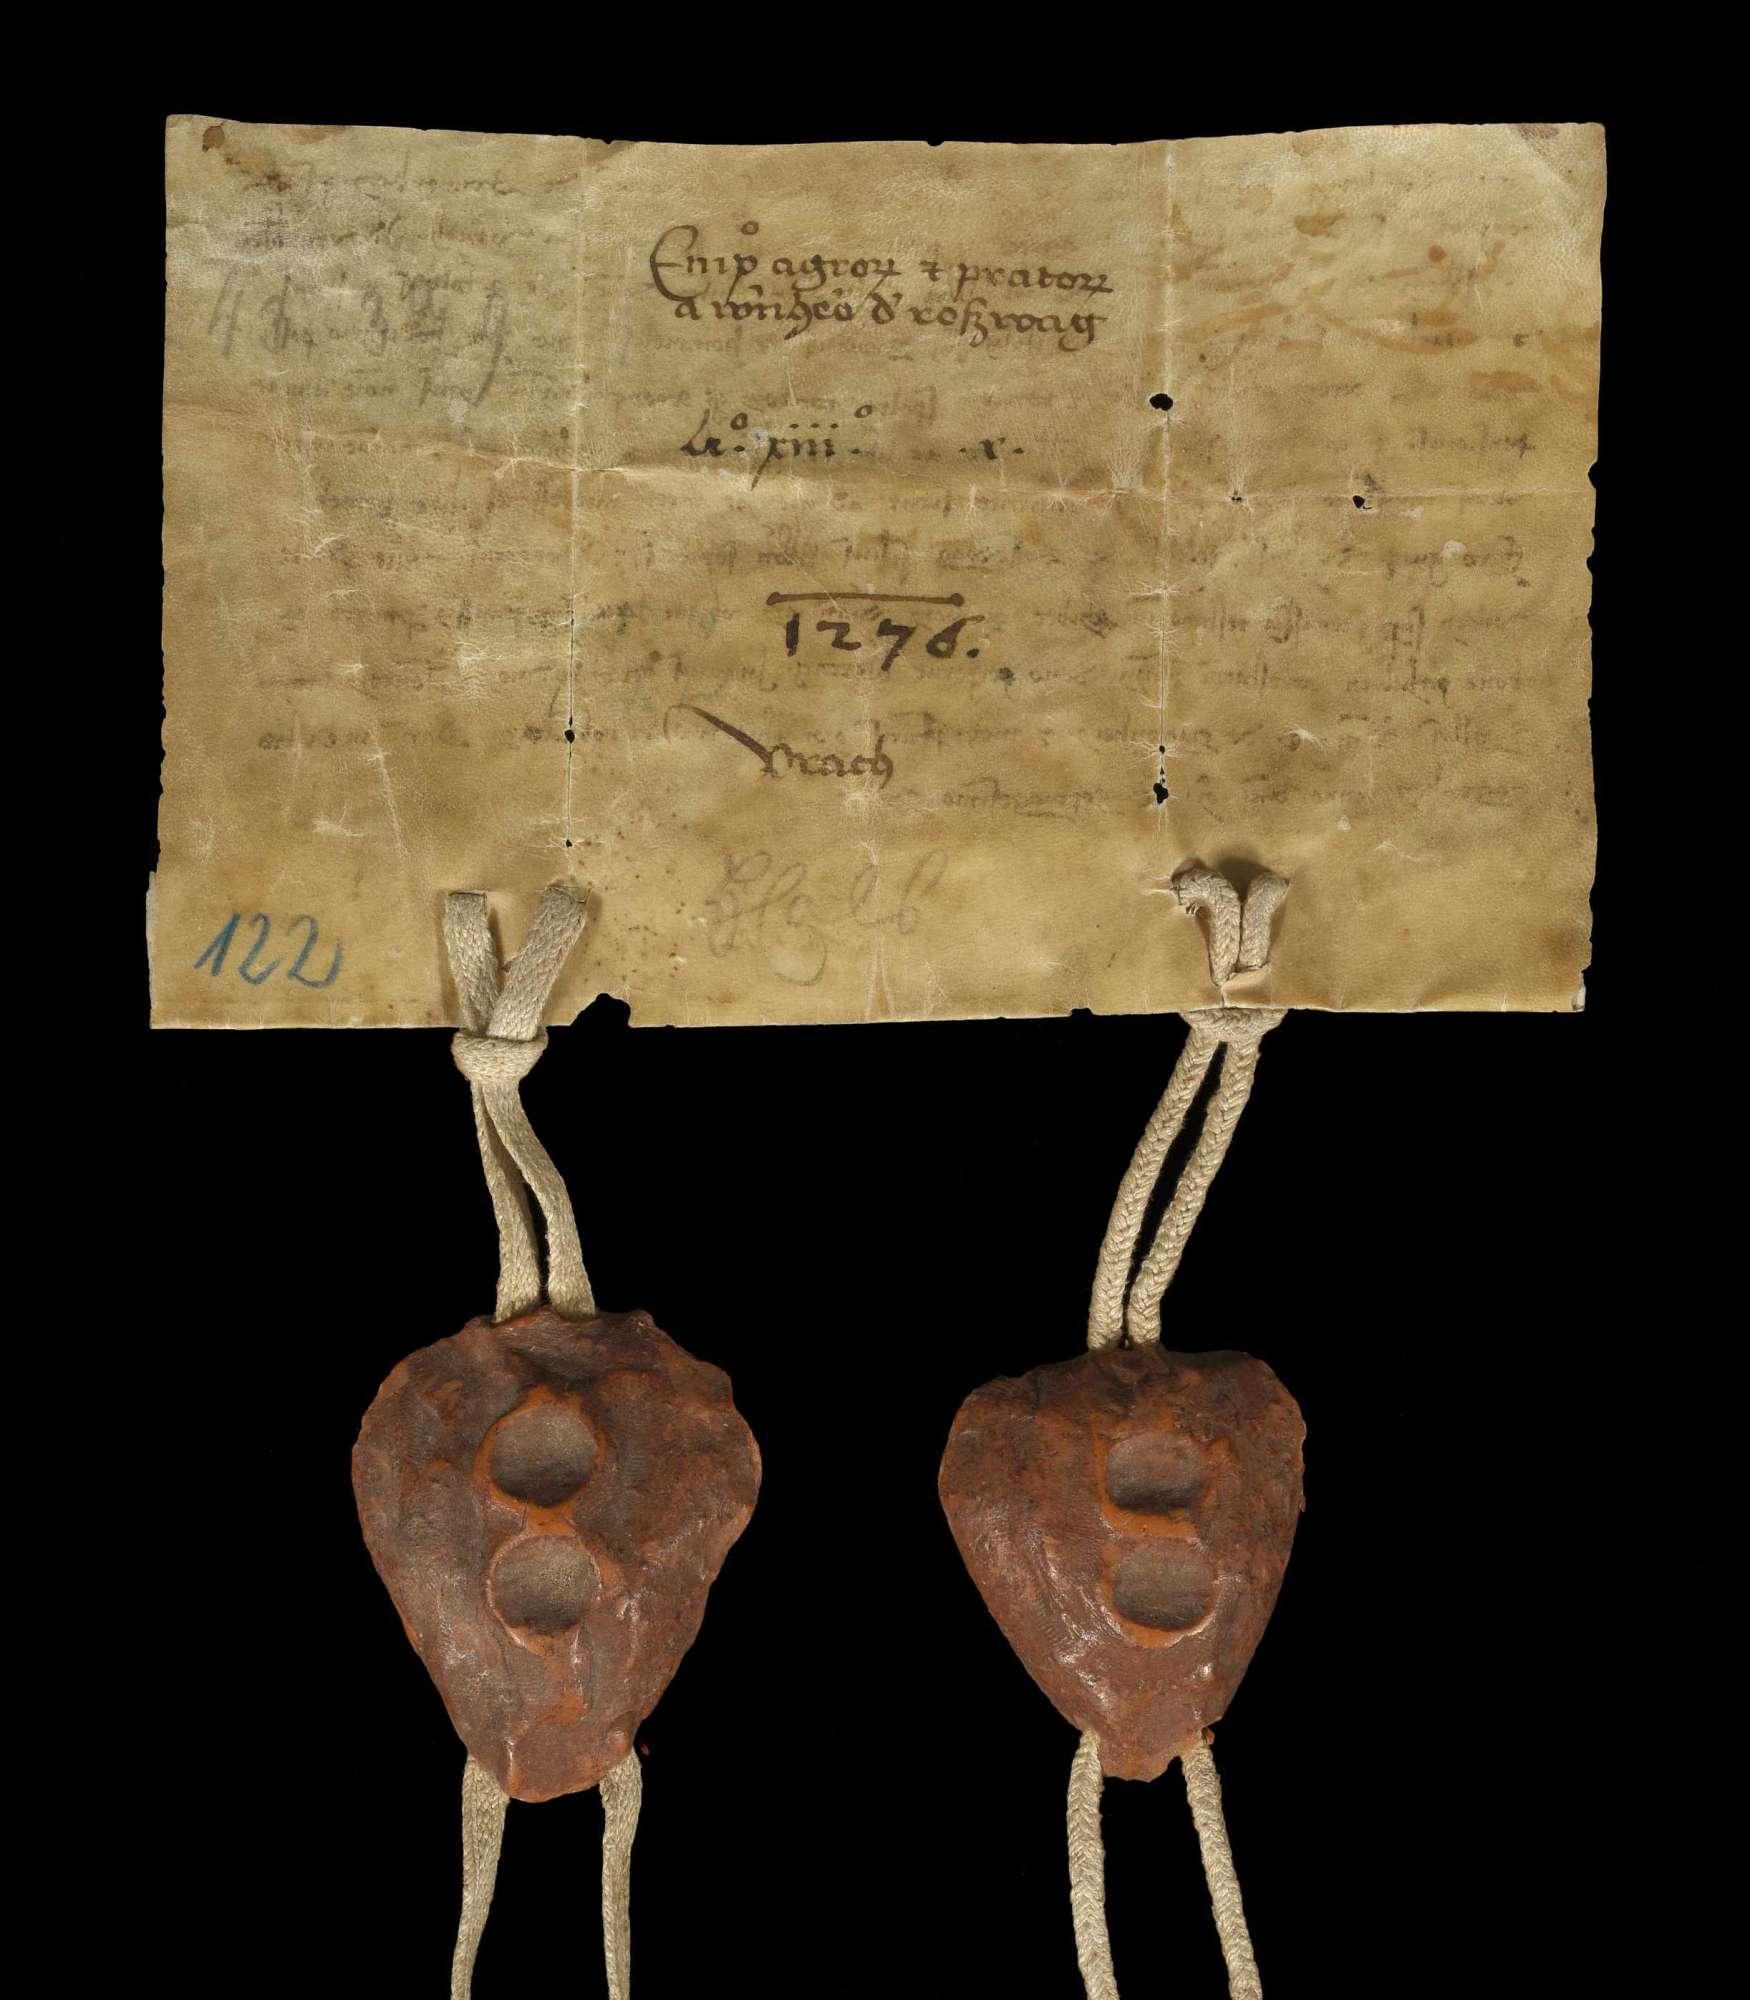 Werner, der Sohn Alberts des Jüngeren von Roßwag, genannt von Bönnigheim, verkauft dem Kloster Herrenalb alle seine Acker und Wiesen in Aurich., v